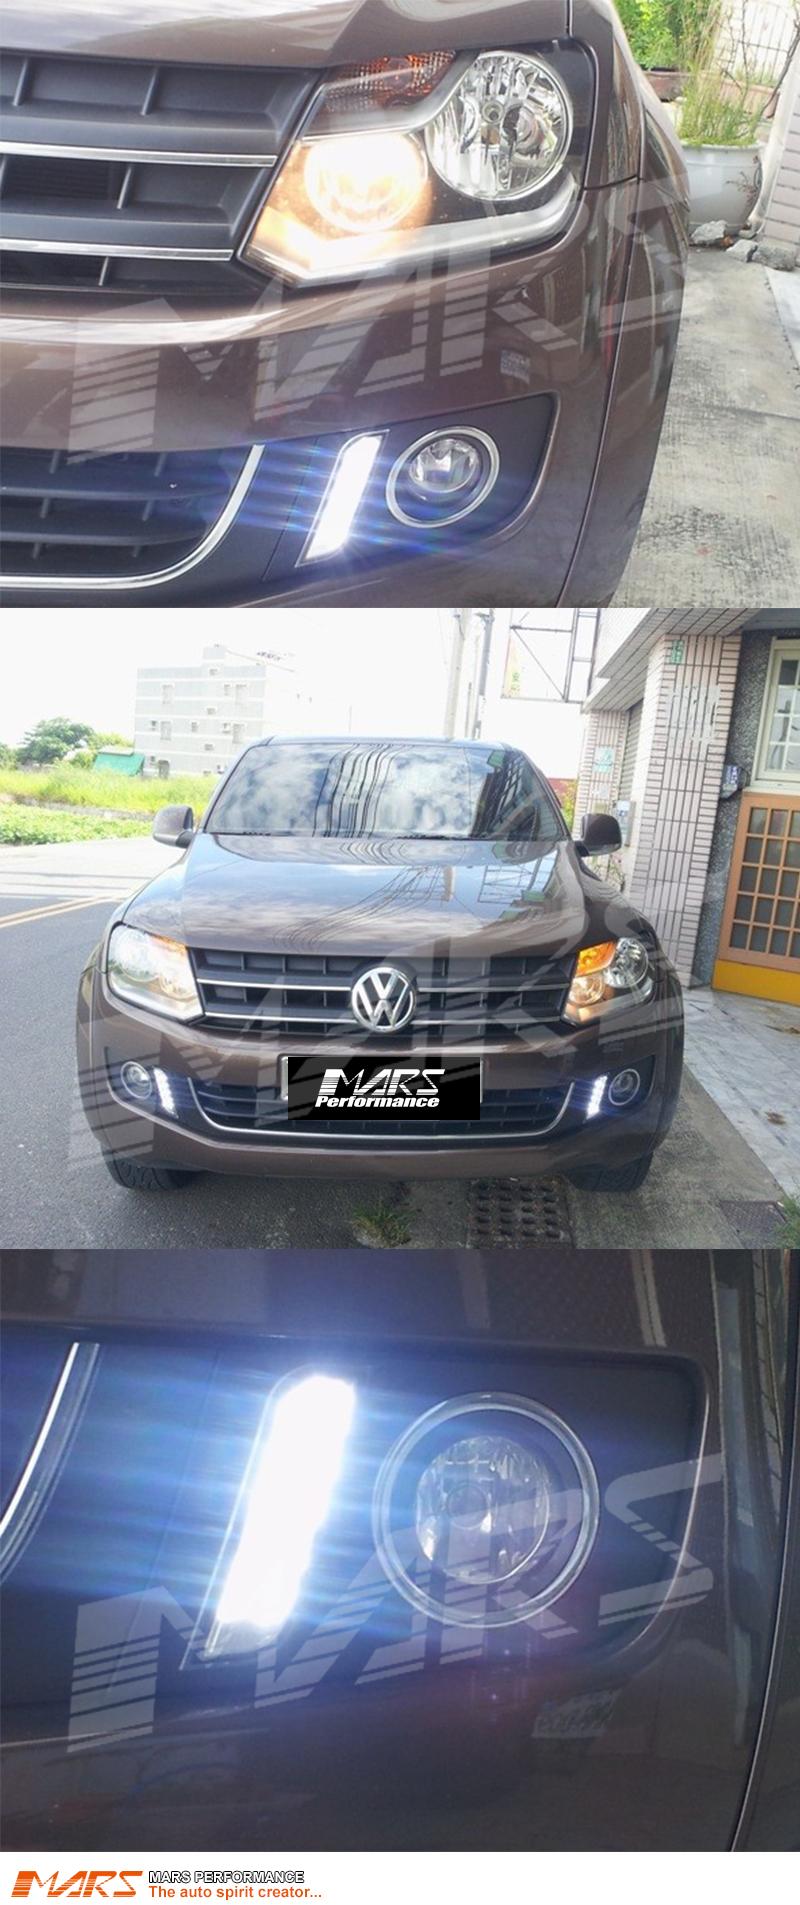 VW 2009-2014 AMAROK fog lamp lights LED DRL Daytime running light chrome rim